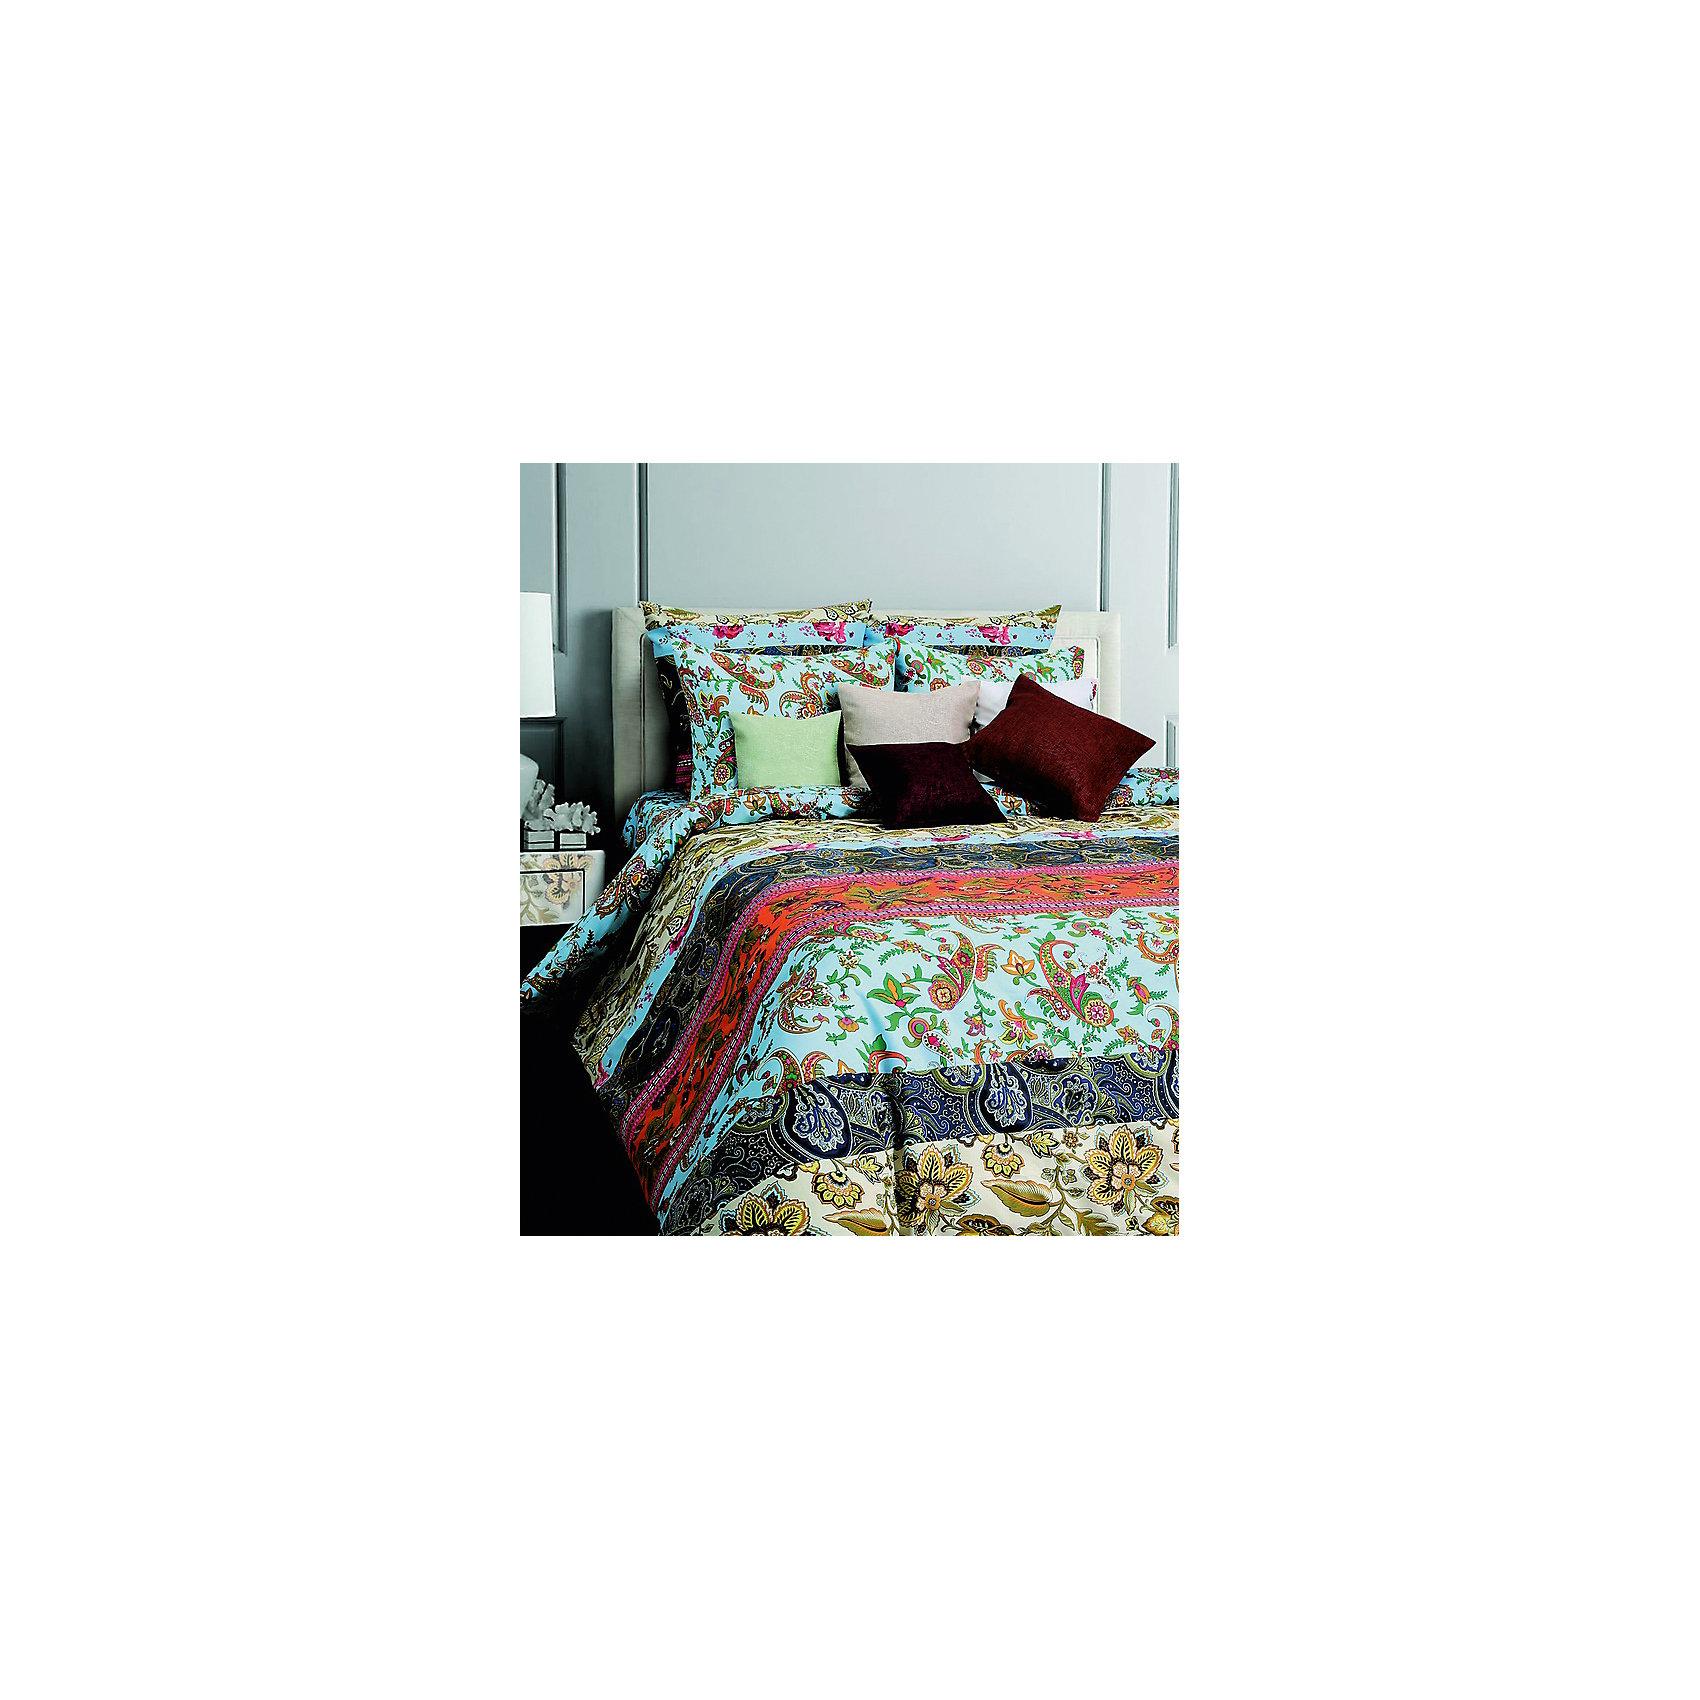 Постельное белье Viva, 1,5-спальный, 50*70, Mona LizaДомашний текстиль<br>Характеристики:<br><br>• Вид домашнего текстиля: постельное белье<br>• Тип постельного белья по размерам: 1,5 сп<br>• Серия: Mona Liza Classic<br>• Сезон: круглый год<br>• Материал: бязь <br>• Цвет: оранжевый, синий, желтый, зеленый<br>• Комплектация: <br> пододеяльник на пуговицах– 1 шт. 145*210 см <br> простынь – 1 шт. 150*215 см<br> наволочки – 2 шт. (50*70 см)<br>• Тип упаковки: книжка <br>• Вес в упаковке: 1 кг 600 г<br>• Особенности ухода: машинная стирка при температуре 30 градусов<br><br>Постельное белье 1,5сп Viva 50*70, Mona Liza изготовлено под отечественным торговым брендом, выпускающим постельное белье из натуральных тканей. Комплект выполнен из 100 % бязи, отличающейся высокими характеристиками не только прочности самого полотна, но и устойчивости окраски, которая выполняется по особой технологии. Комплектсостоит из 4-х предметов. Постельное белье выполнено в ярком дизайне с фантазийным цветочным рисунком. <br>Постельное белье 1,5сп Viva 50*70, Mona Liza – домашний текстиль, соответствующий международным стандартам качества и безопасности!<br><br>Постельное белье 1,5сп Viva 50*70, Mona Liza можно купить в нашем интернет-магазине.<br><br>Ширина мм: 290<br>Глубина мм: 70<br>Высота мм: 370<br>Вес г: 1400<br>Возраст от месяцев: 84<br>Возраст до месяцев: 216<br>Пол: Женский<br>Возраст: Детский<br>SKU: 5165674